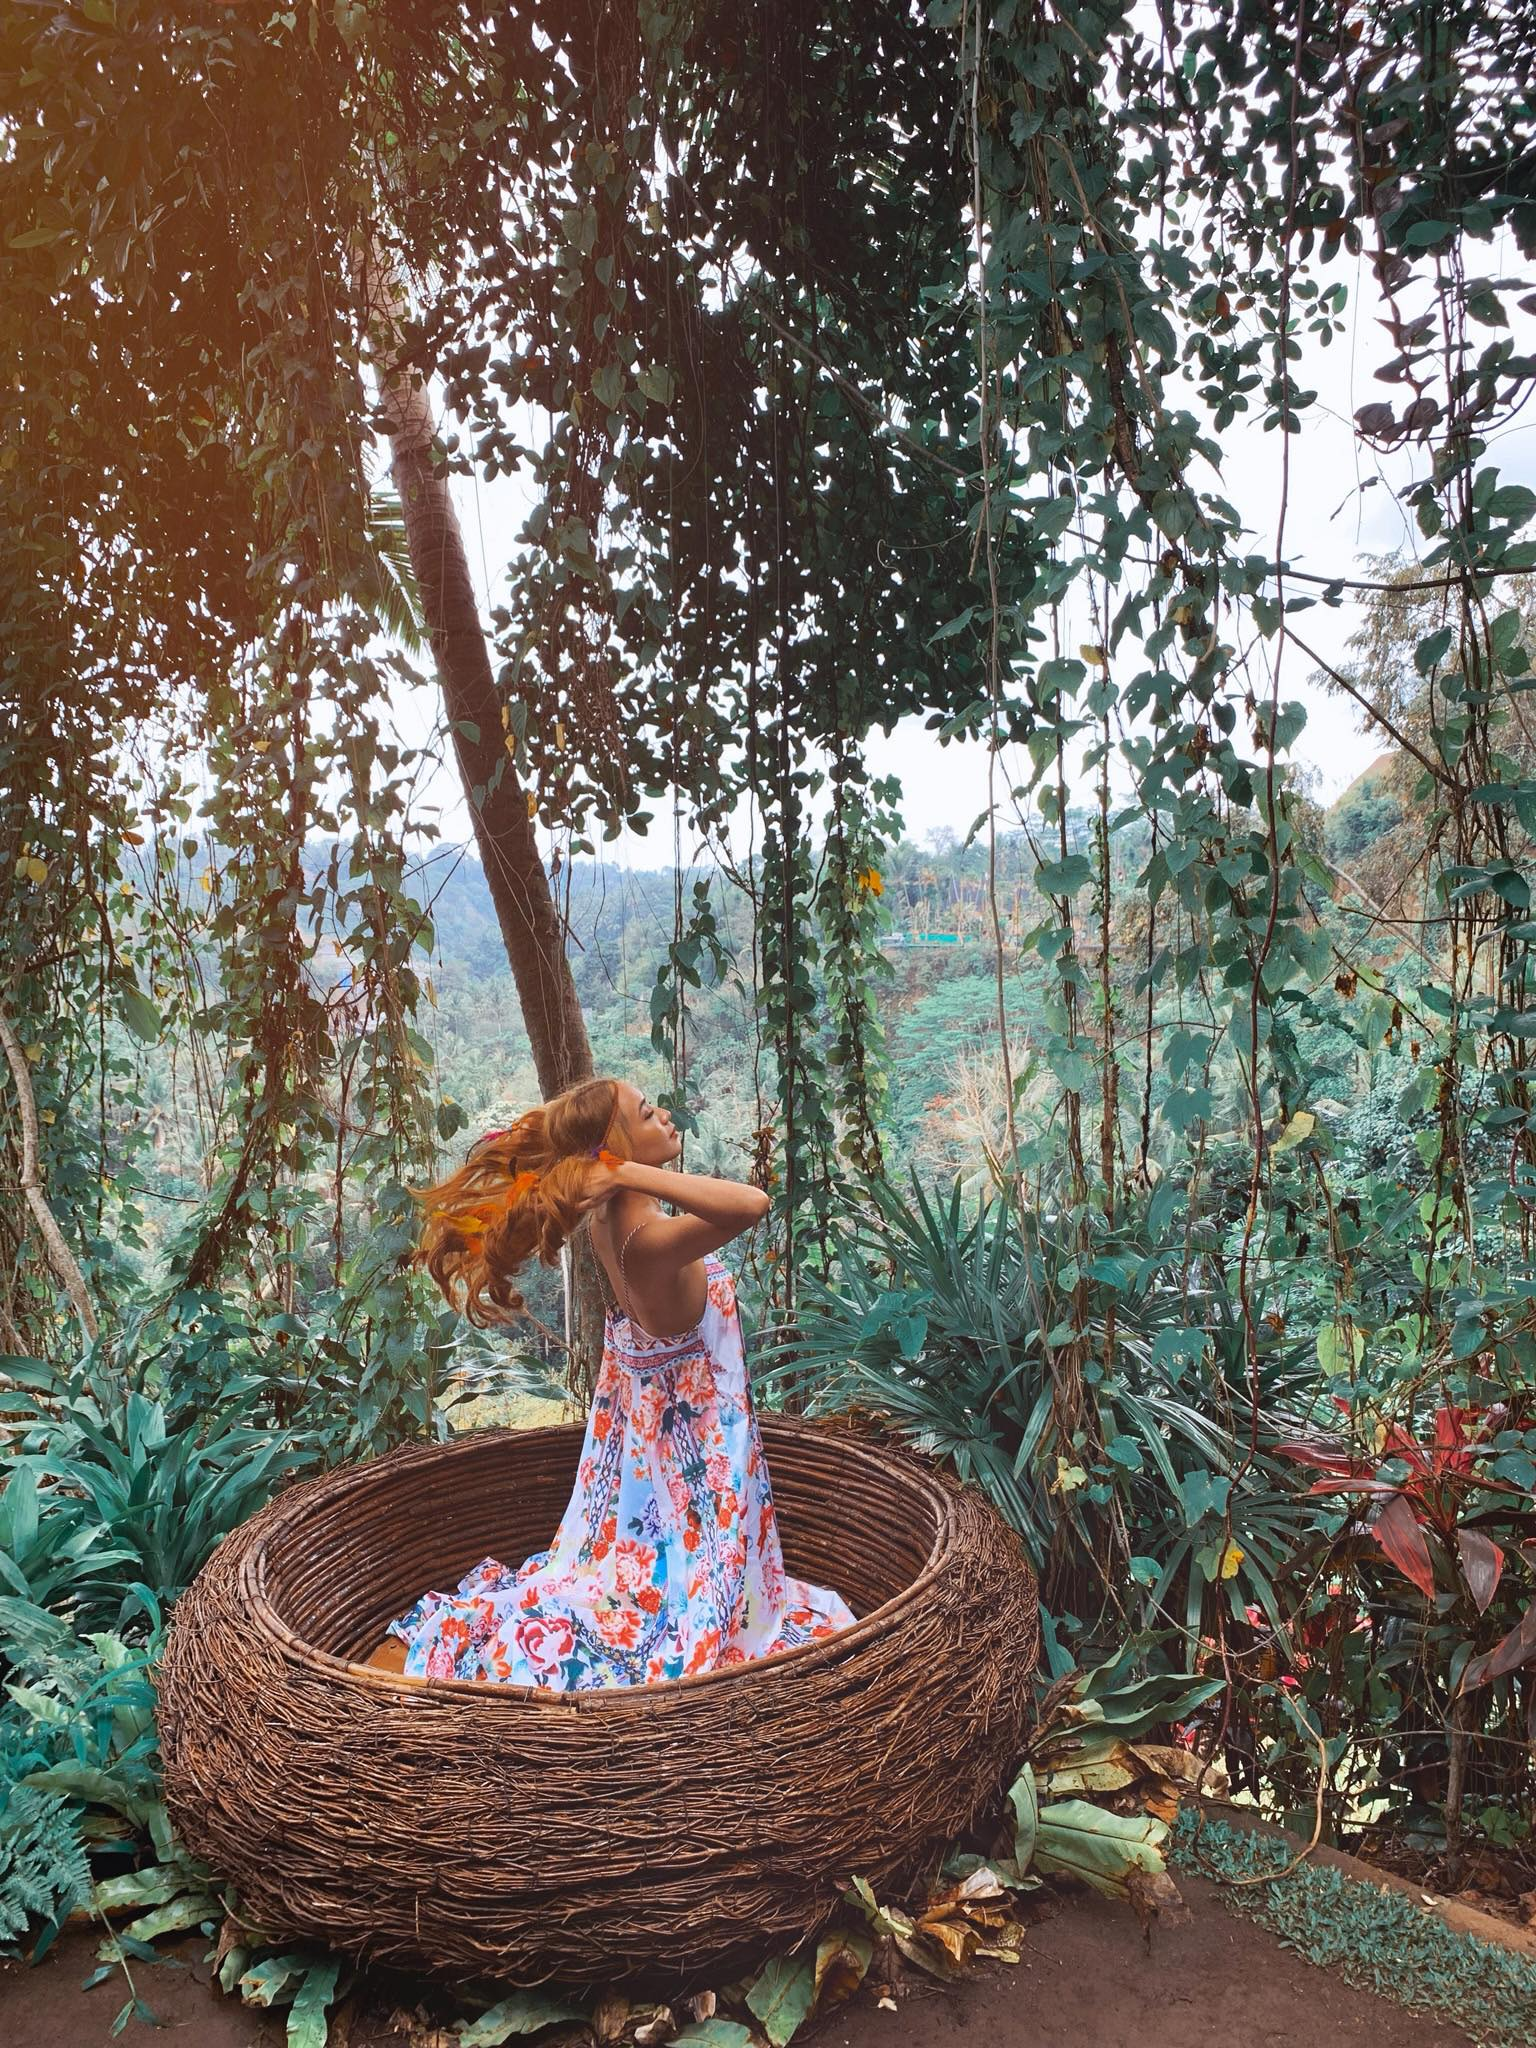 """Bali swing – tổ chim huyền thoại (các bạn nhớ mặc đồ lộng lẫy để chụp hình siêu đẹp nhé) Bali Swing chính là một trò """"đu dây"""" được nối ở 2 đầu trên thân cây dừa. Yên tâm là chúng ta có dây bảo hộ nữa nhé. Ở Bali Swing, có ba mức lựa chọn cho chiếc xích đu mà bạn có thể thử với các chiều cao khác nhau là 5 mét, 15 mét và 20 mét.  Trước khi chơi, bạn hãy chuẩn bị sẵn cho mình một bộ quần áo lộng lẫy nhé. Ở đây cũng có cho thuê váy để chụp hình đó! Đặc biệt đối với các bạn nữ nên lựa một chiếc váy thật đẹp cho mình. Váy có tà dài, thướt tha, màu sắc rực rỡ thì sẽ cực hợp concept và đảm bảo cực ảo (Mình chọn váy hoa lá hẹ cành bông chim bướm.  Ngoài swing, còn có cả những """"tổ chim"""" phục vụ cho nhu cầu chụp ảnh sống ảo. Đây cũng là một đặc trưng của Bali. Những tổ chim này được đầu tư thiết kế rất sống động. mình đã """"hoá bướm"""" đậu vào tổ chim chụp hình."""